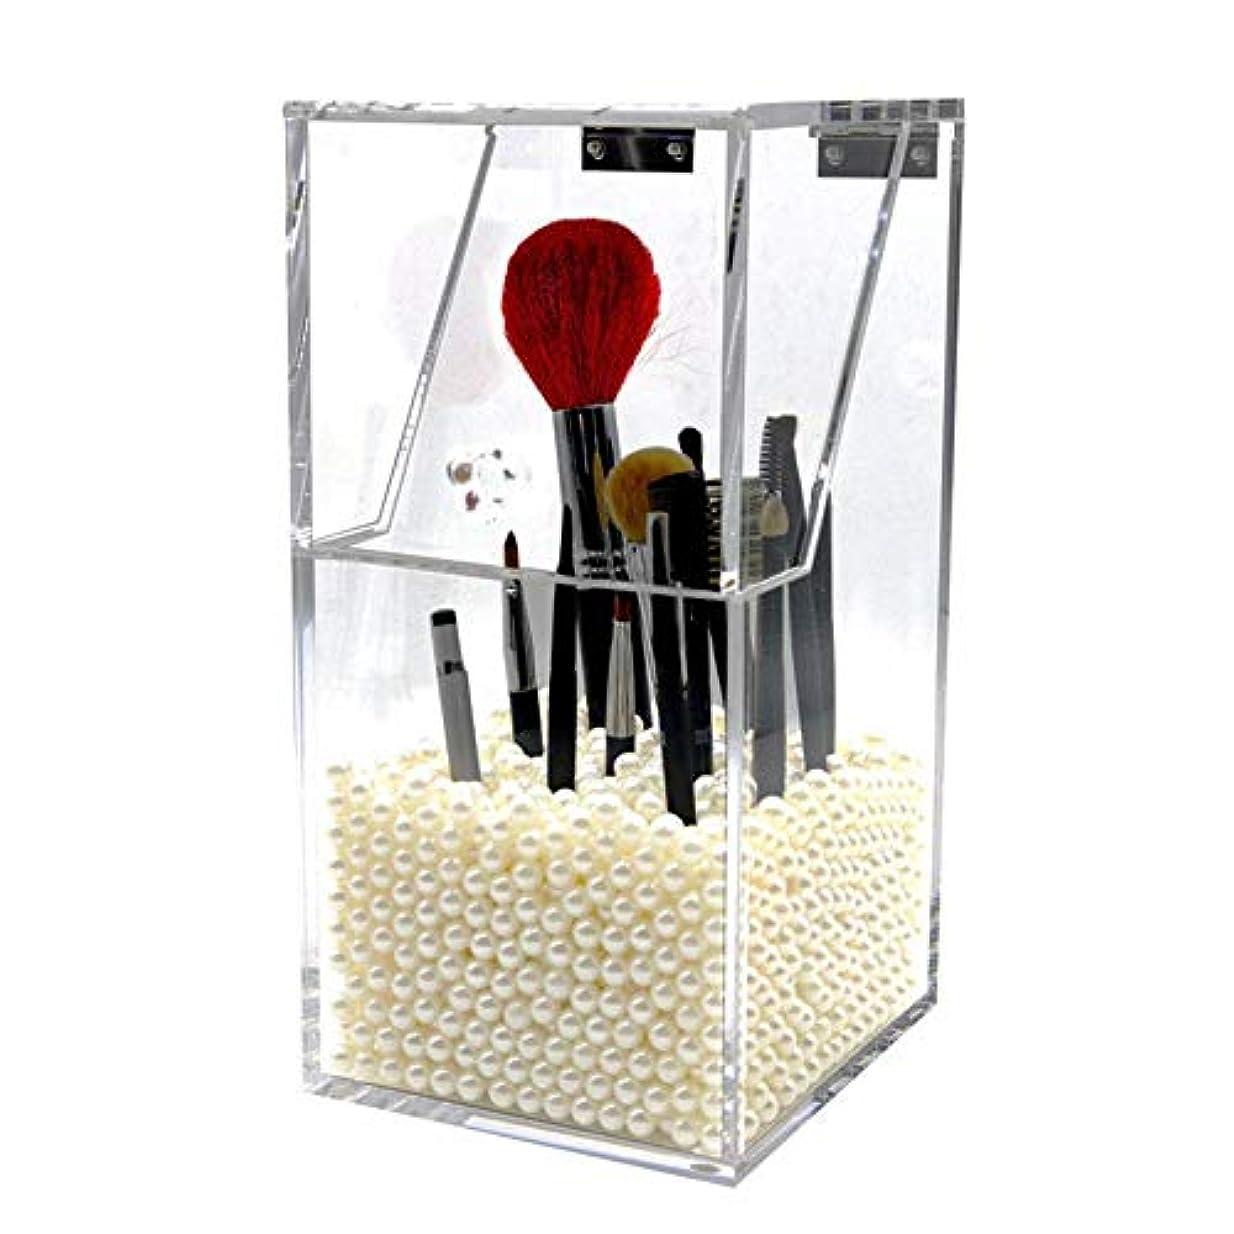 オン乗算市民権ITTE アクリル 透明な化粧箱真珠収納ボックス ブラシペンシル 口紅ポリッシュ防塵の化粧道具組織者 (ホワイト)